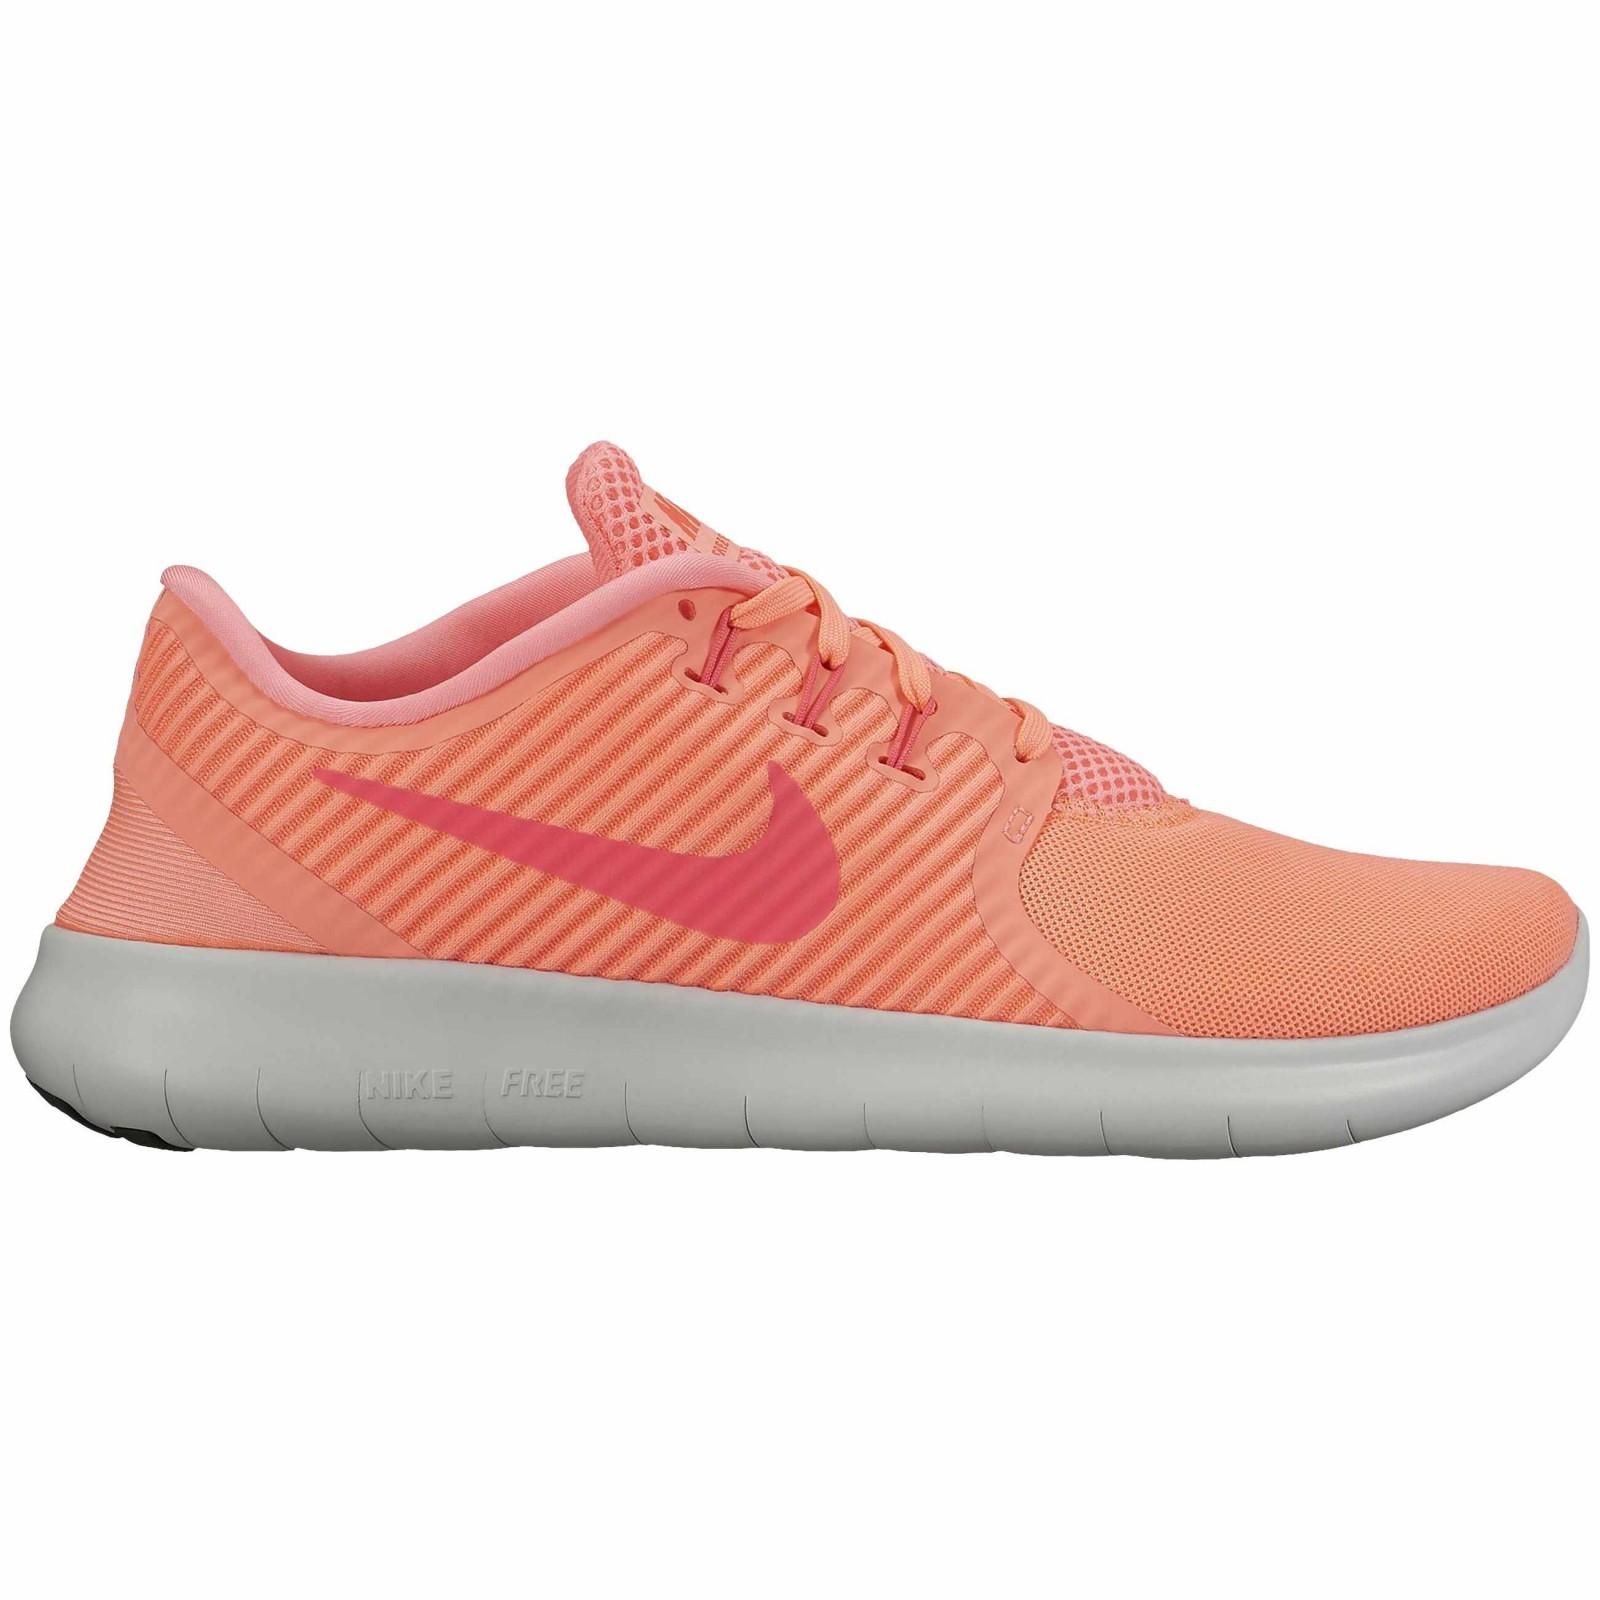 Dámské běžecké boty Nike WMNS FREE RN CMTR  be3d2a7975